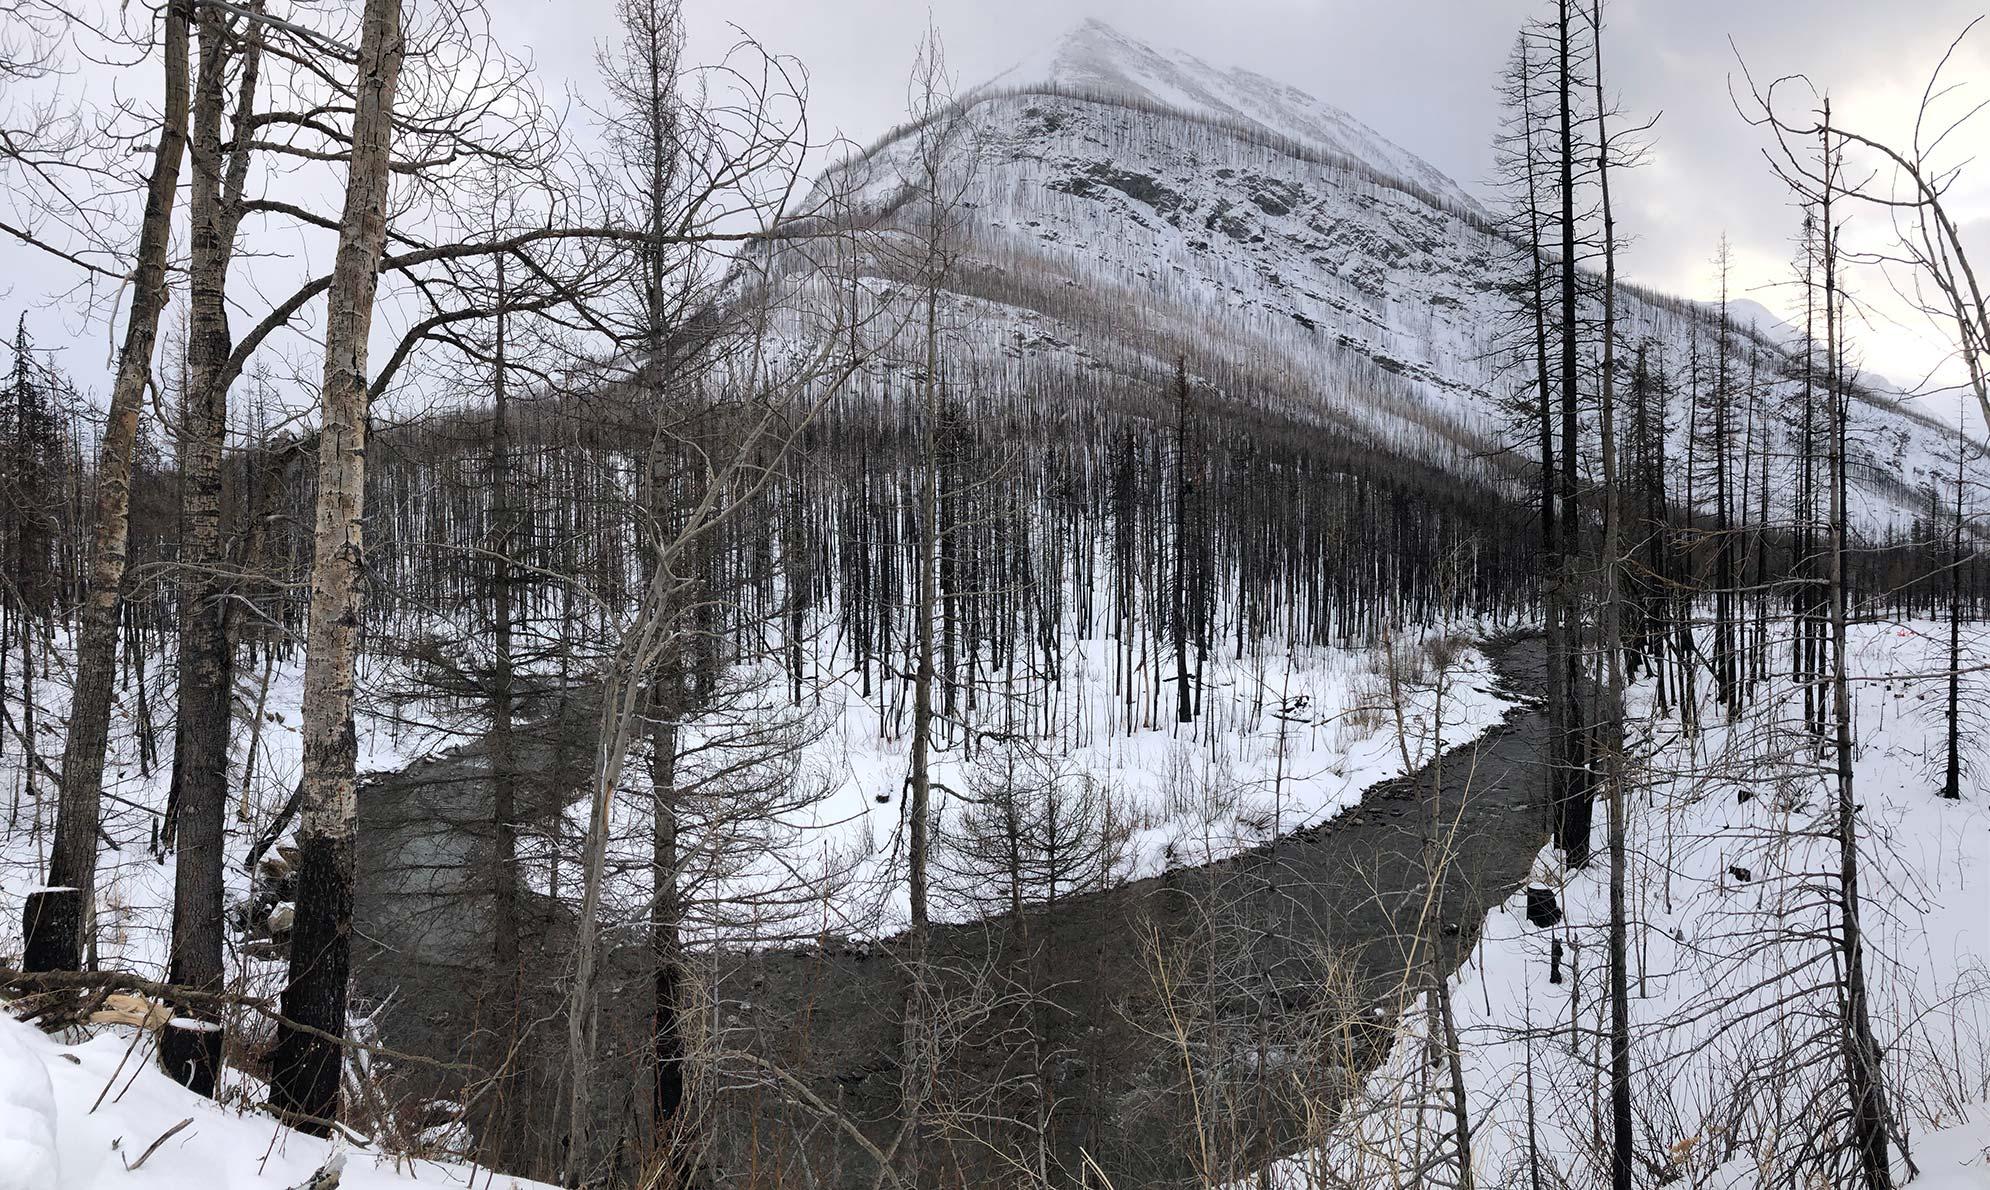 Winter Scenery in Waterton